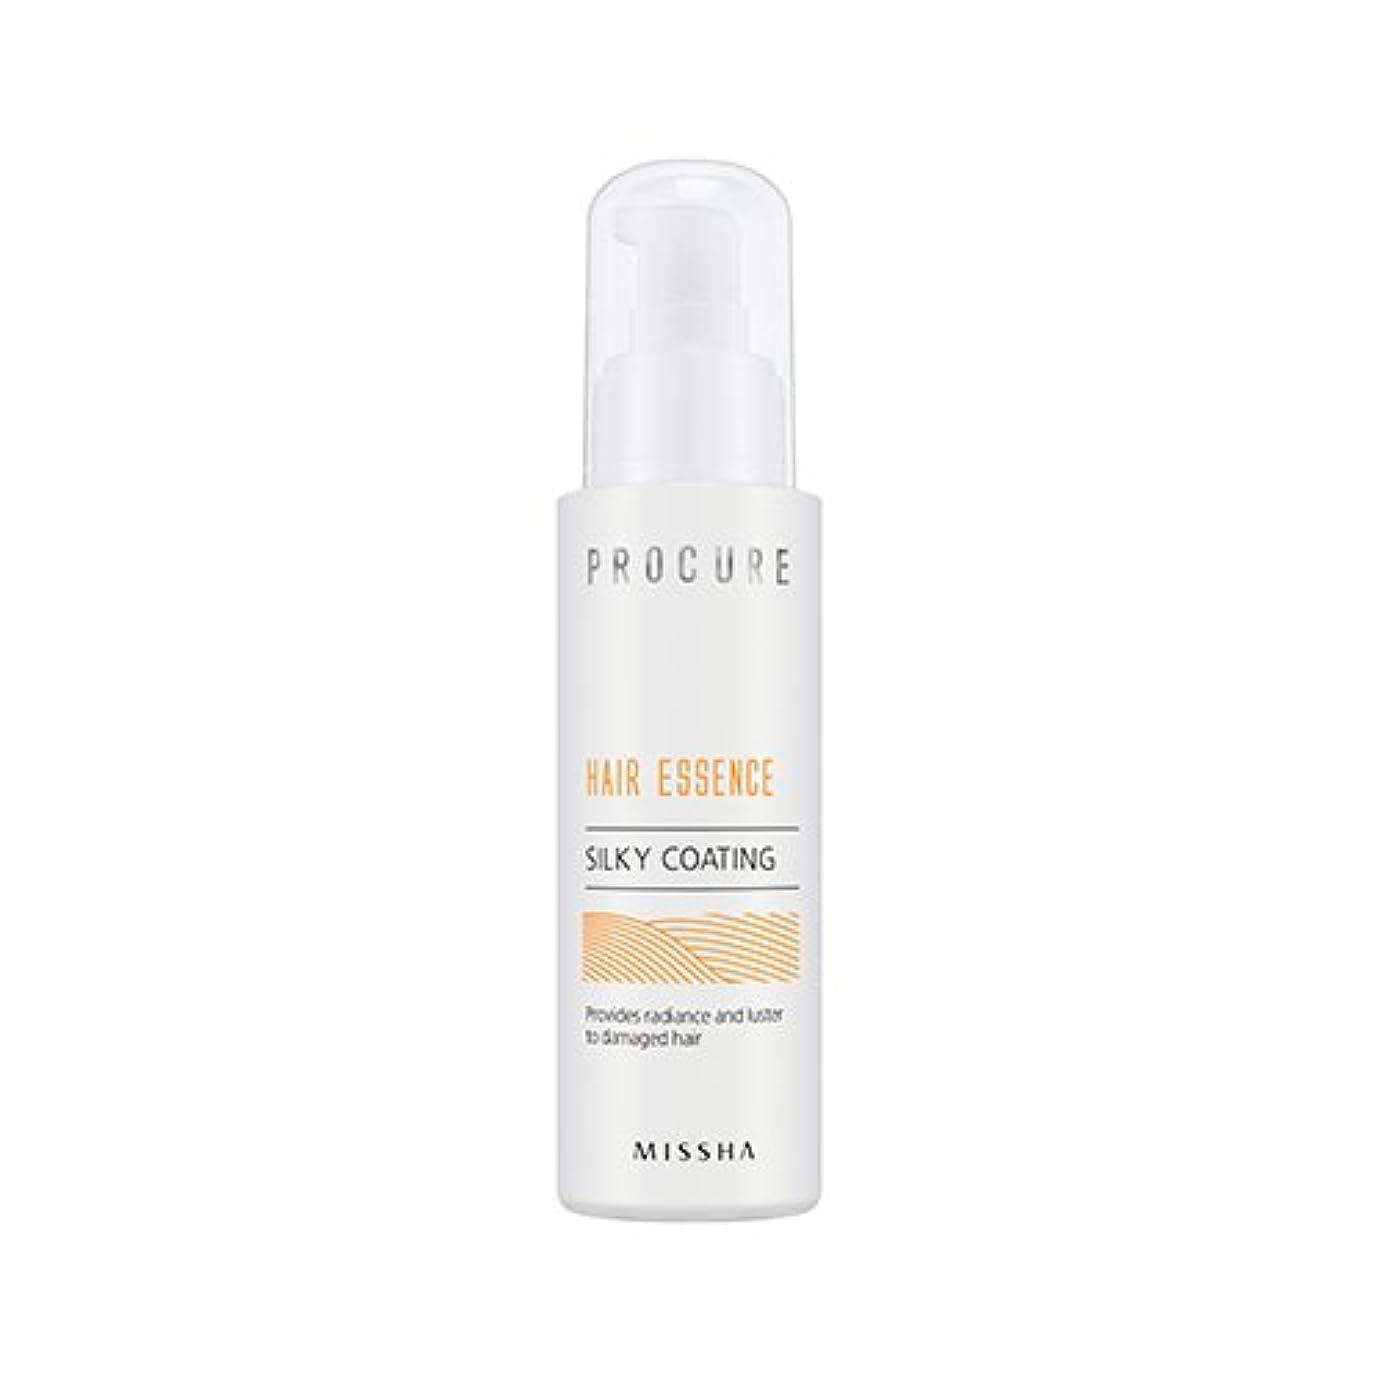 吸い込む大気前書き[NEW] MISSHA Procure Hair Essence (Silky Coating) / ミシャ プロキュアヘアエッセンス シルキーコーティング [並行輸入品]